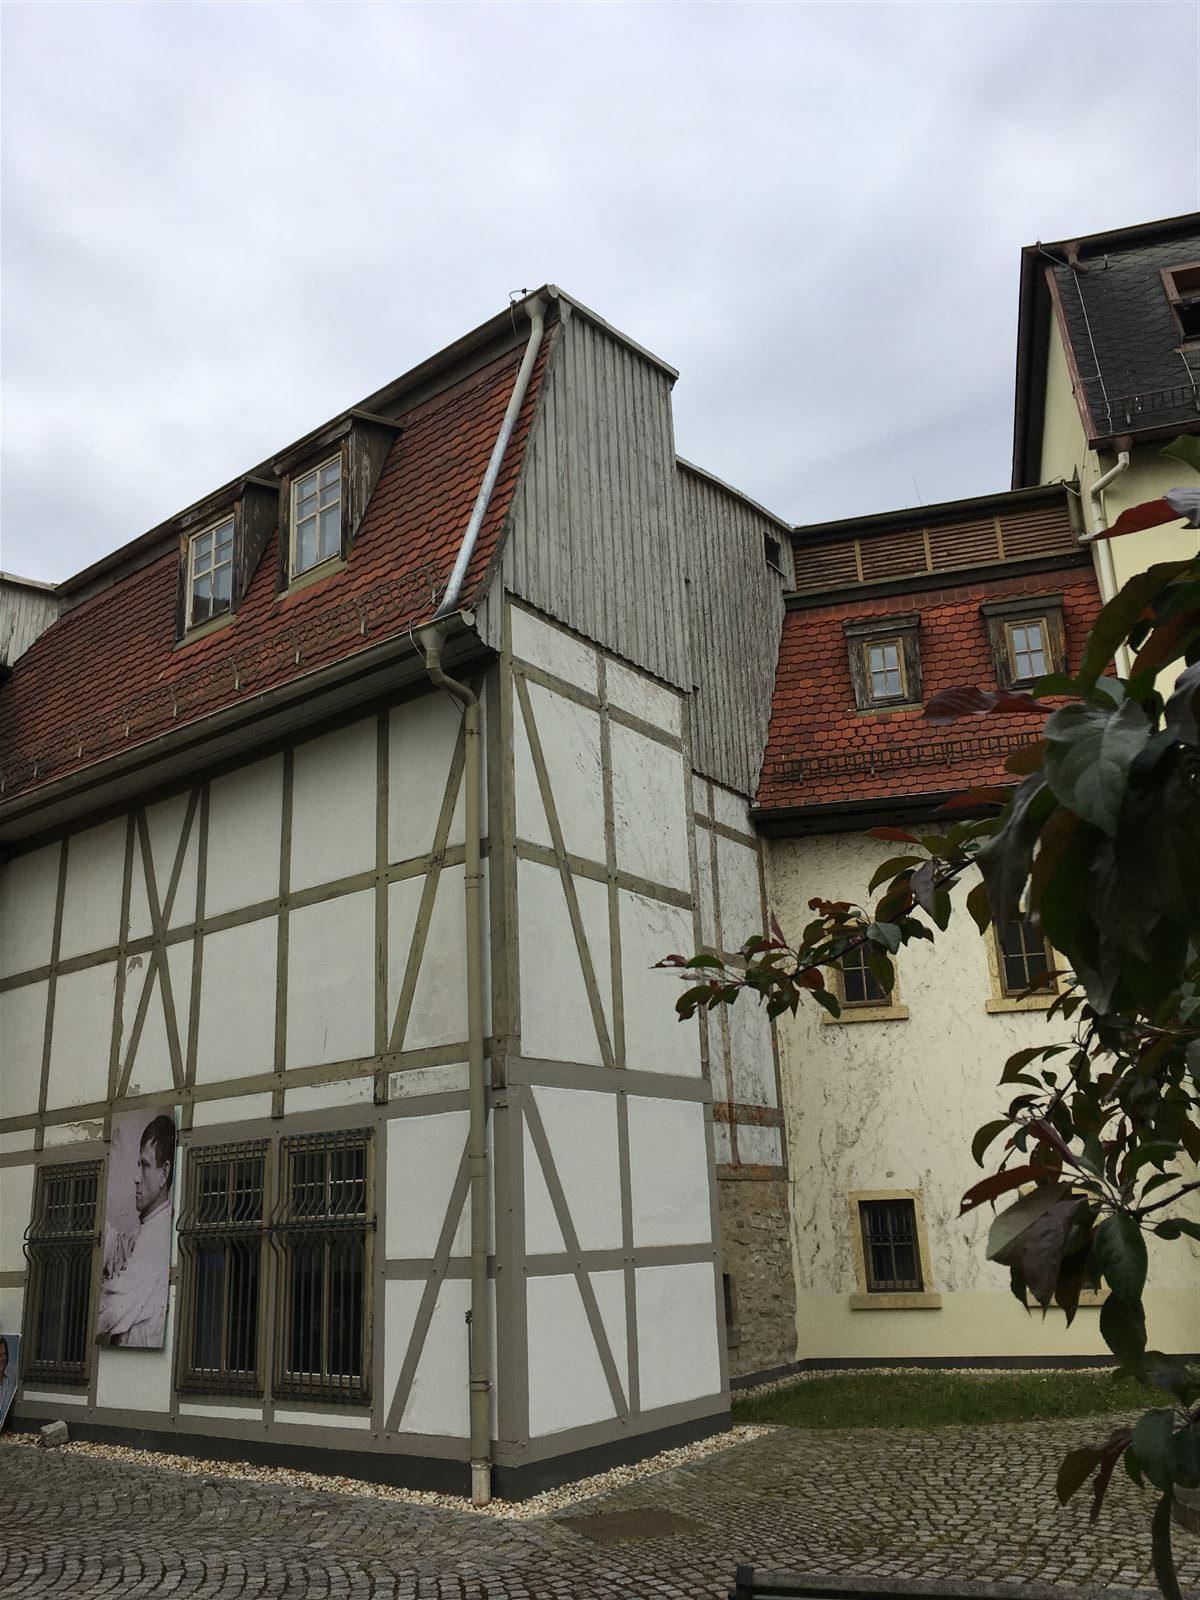 Ausflug - Spaziergang durch Gera Untermhaus - Marienkirche - Mohrenplatz - Otto-Dix-Haus